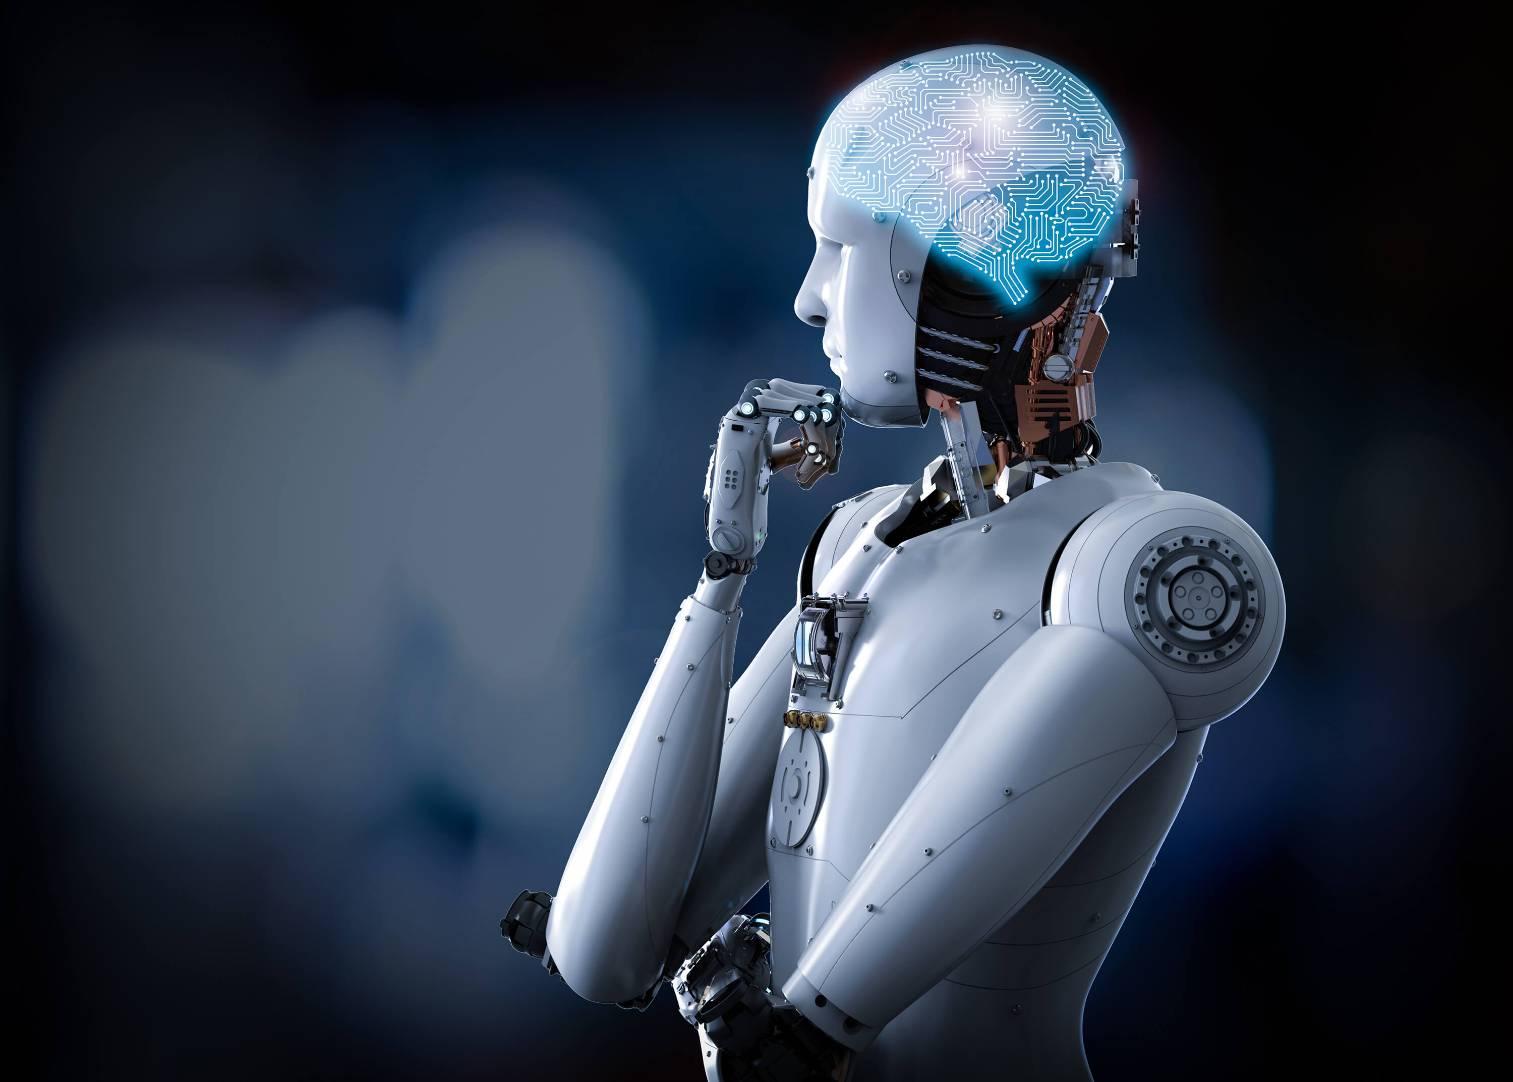 หุ่นยนต์ เทคโนโลยีกับความล้ำยุคล้ำสมัยและประโยชน์ที่น่าอัศจรรย์